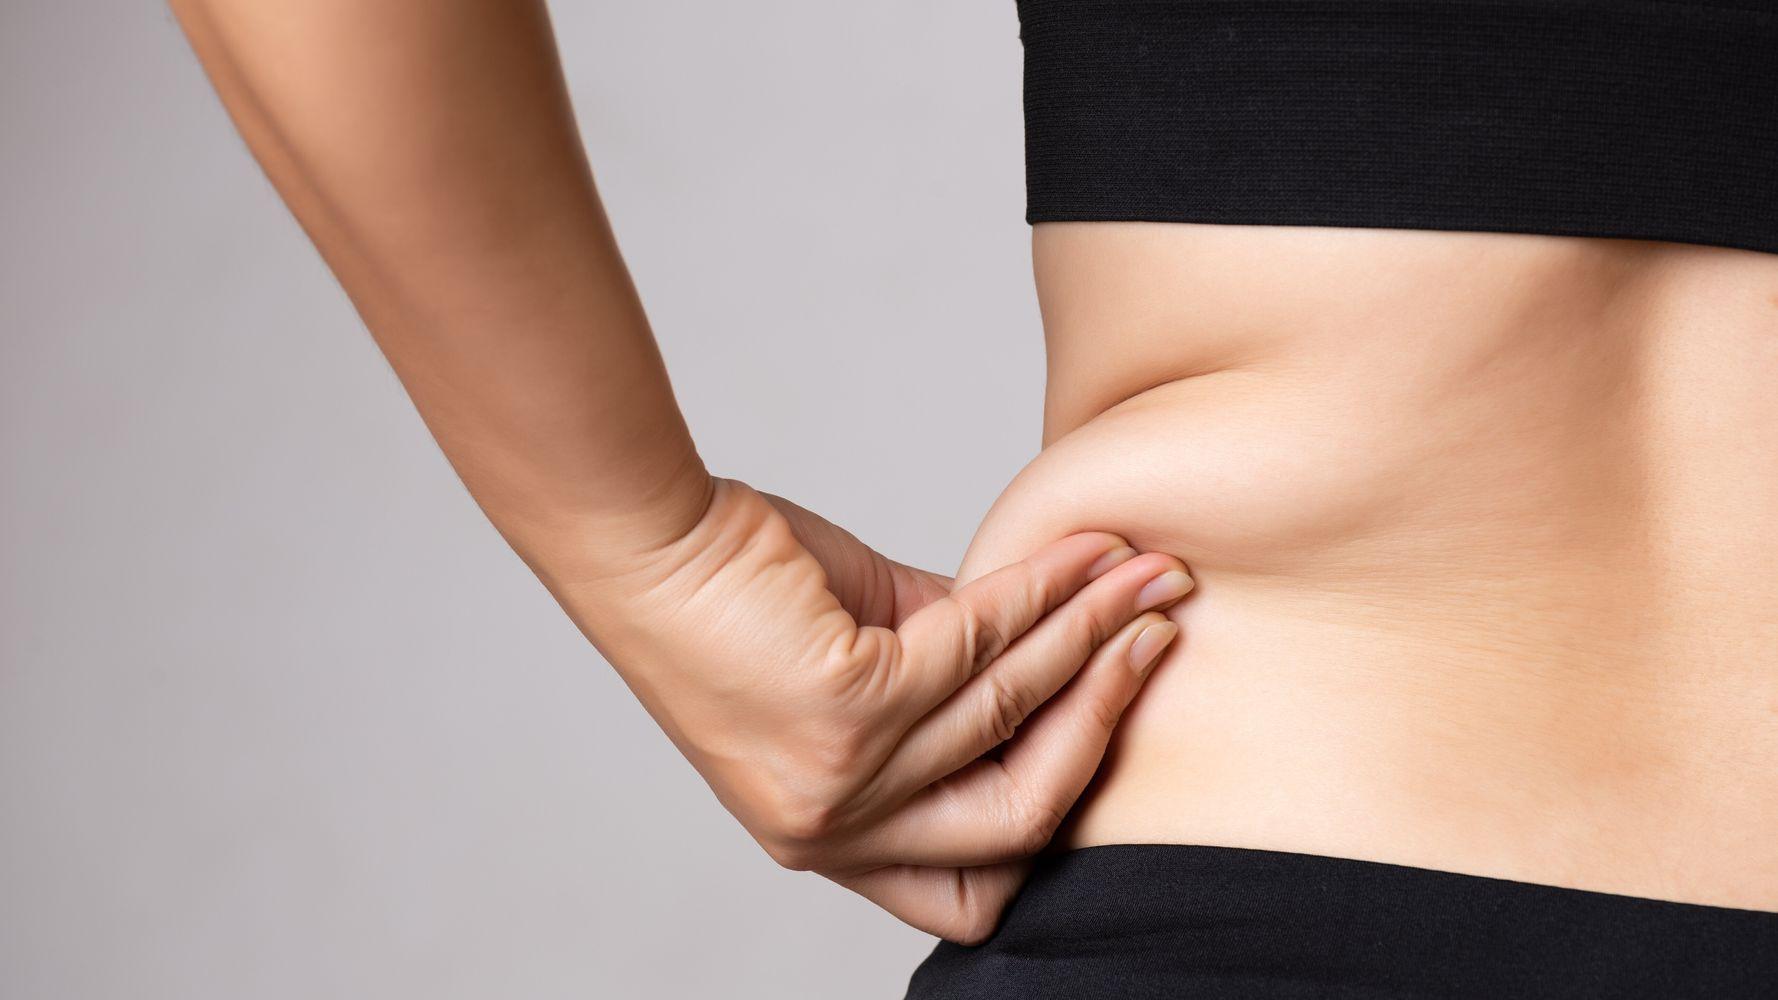 Cryothérapie : le froid fait-il vraiment maigrir?